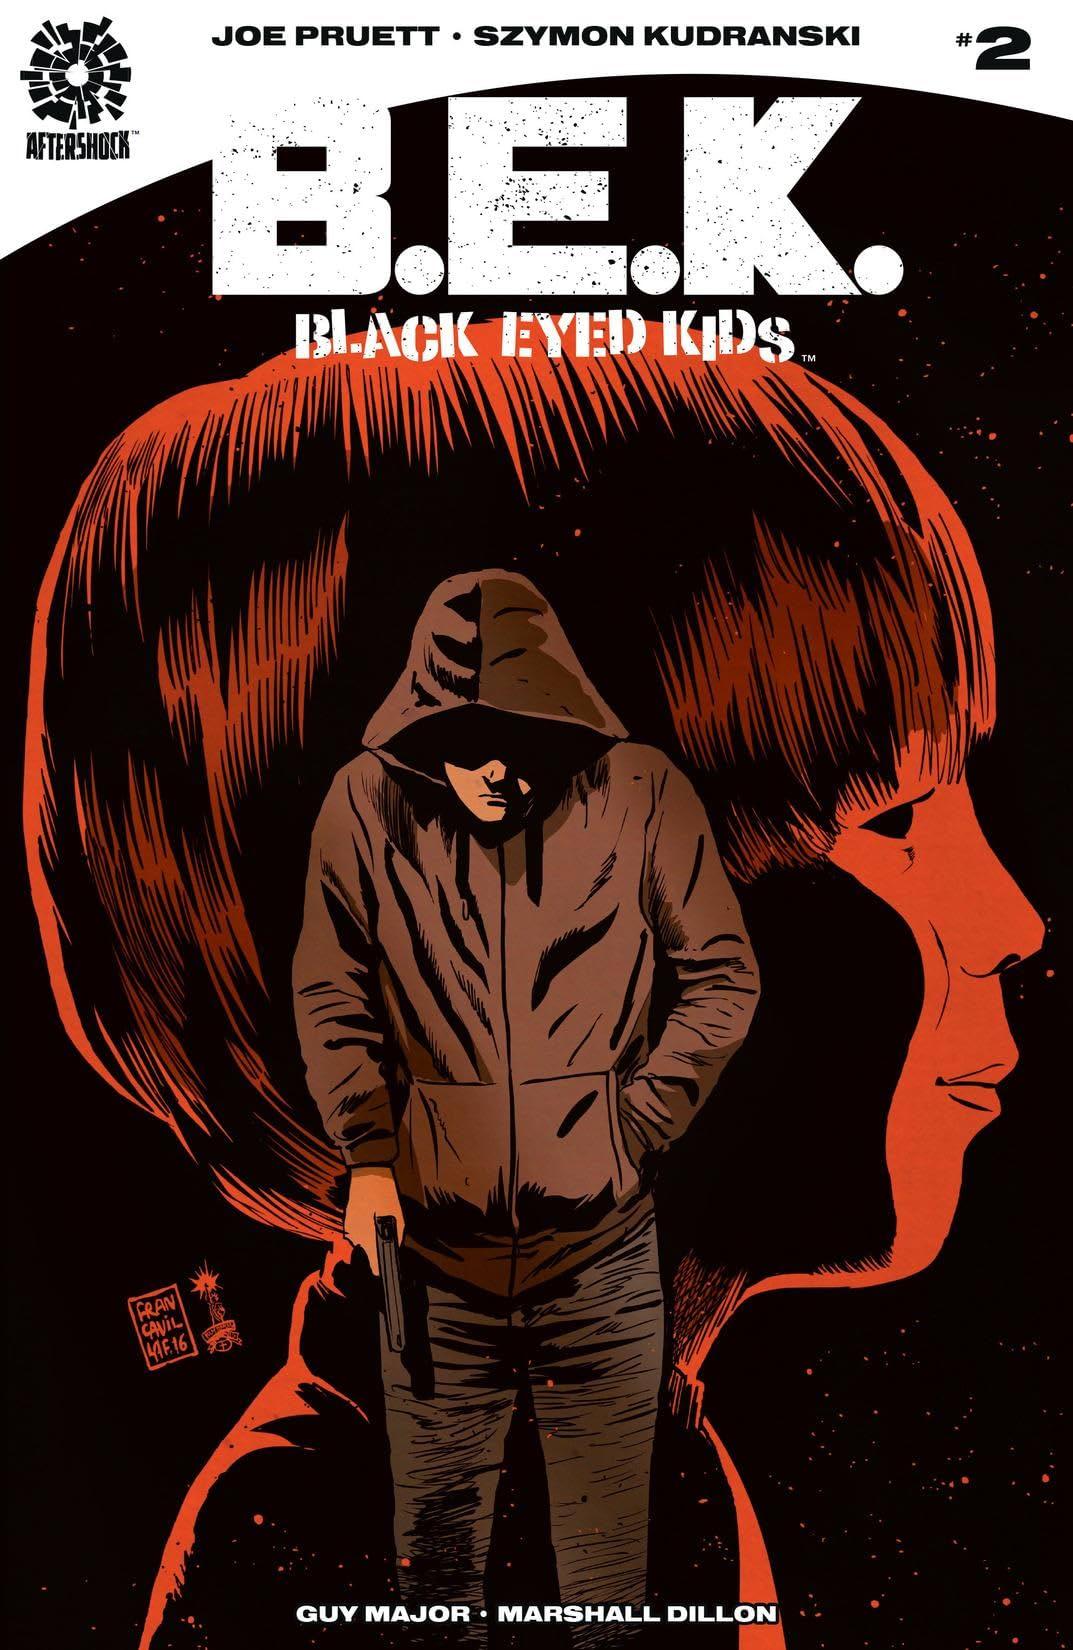 Black Eyed Kids #2